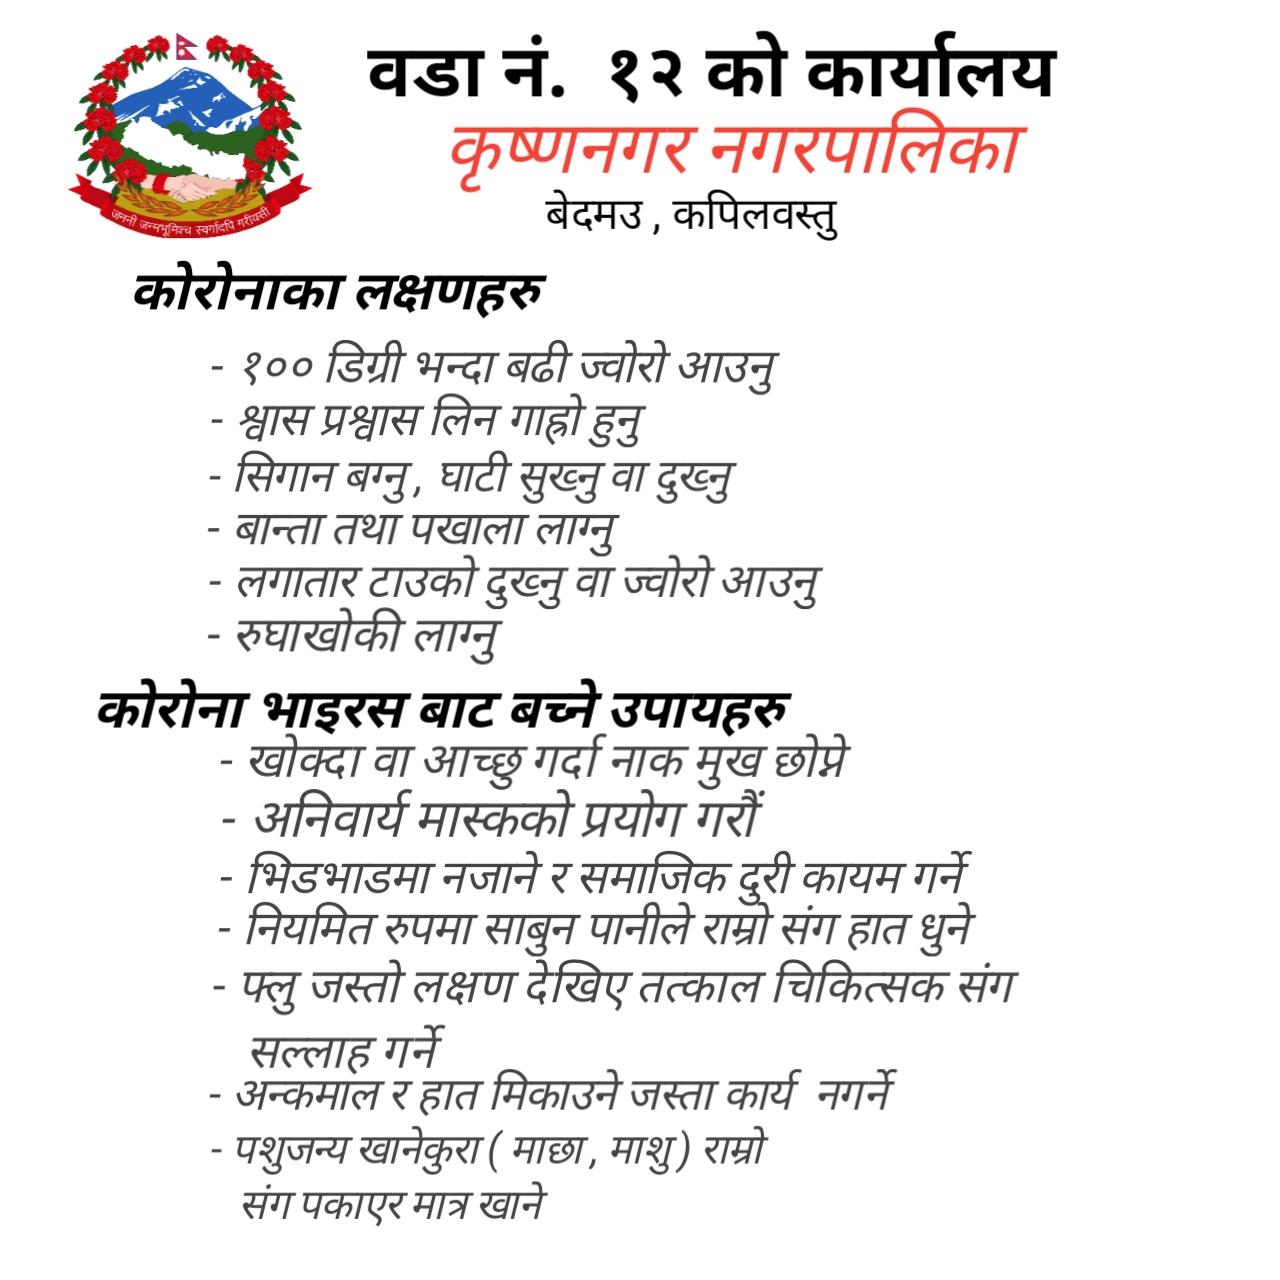 krishnagar-12 covid